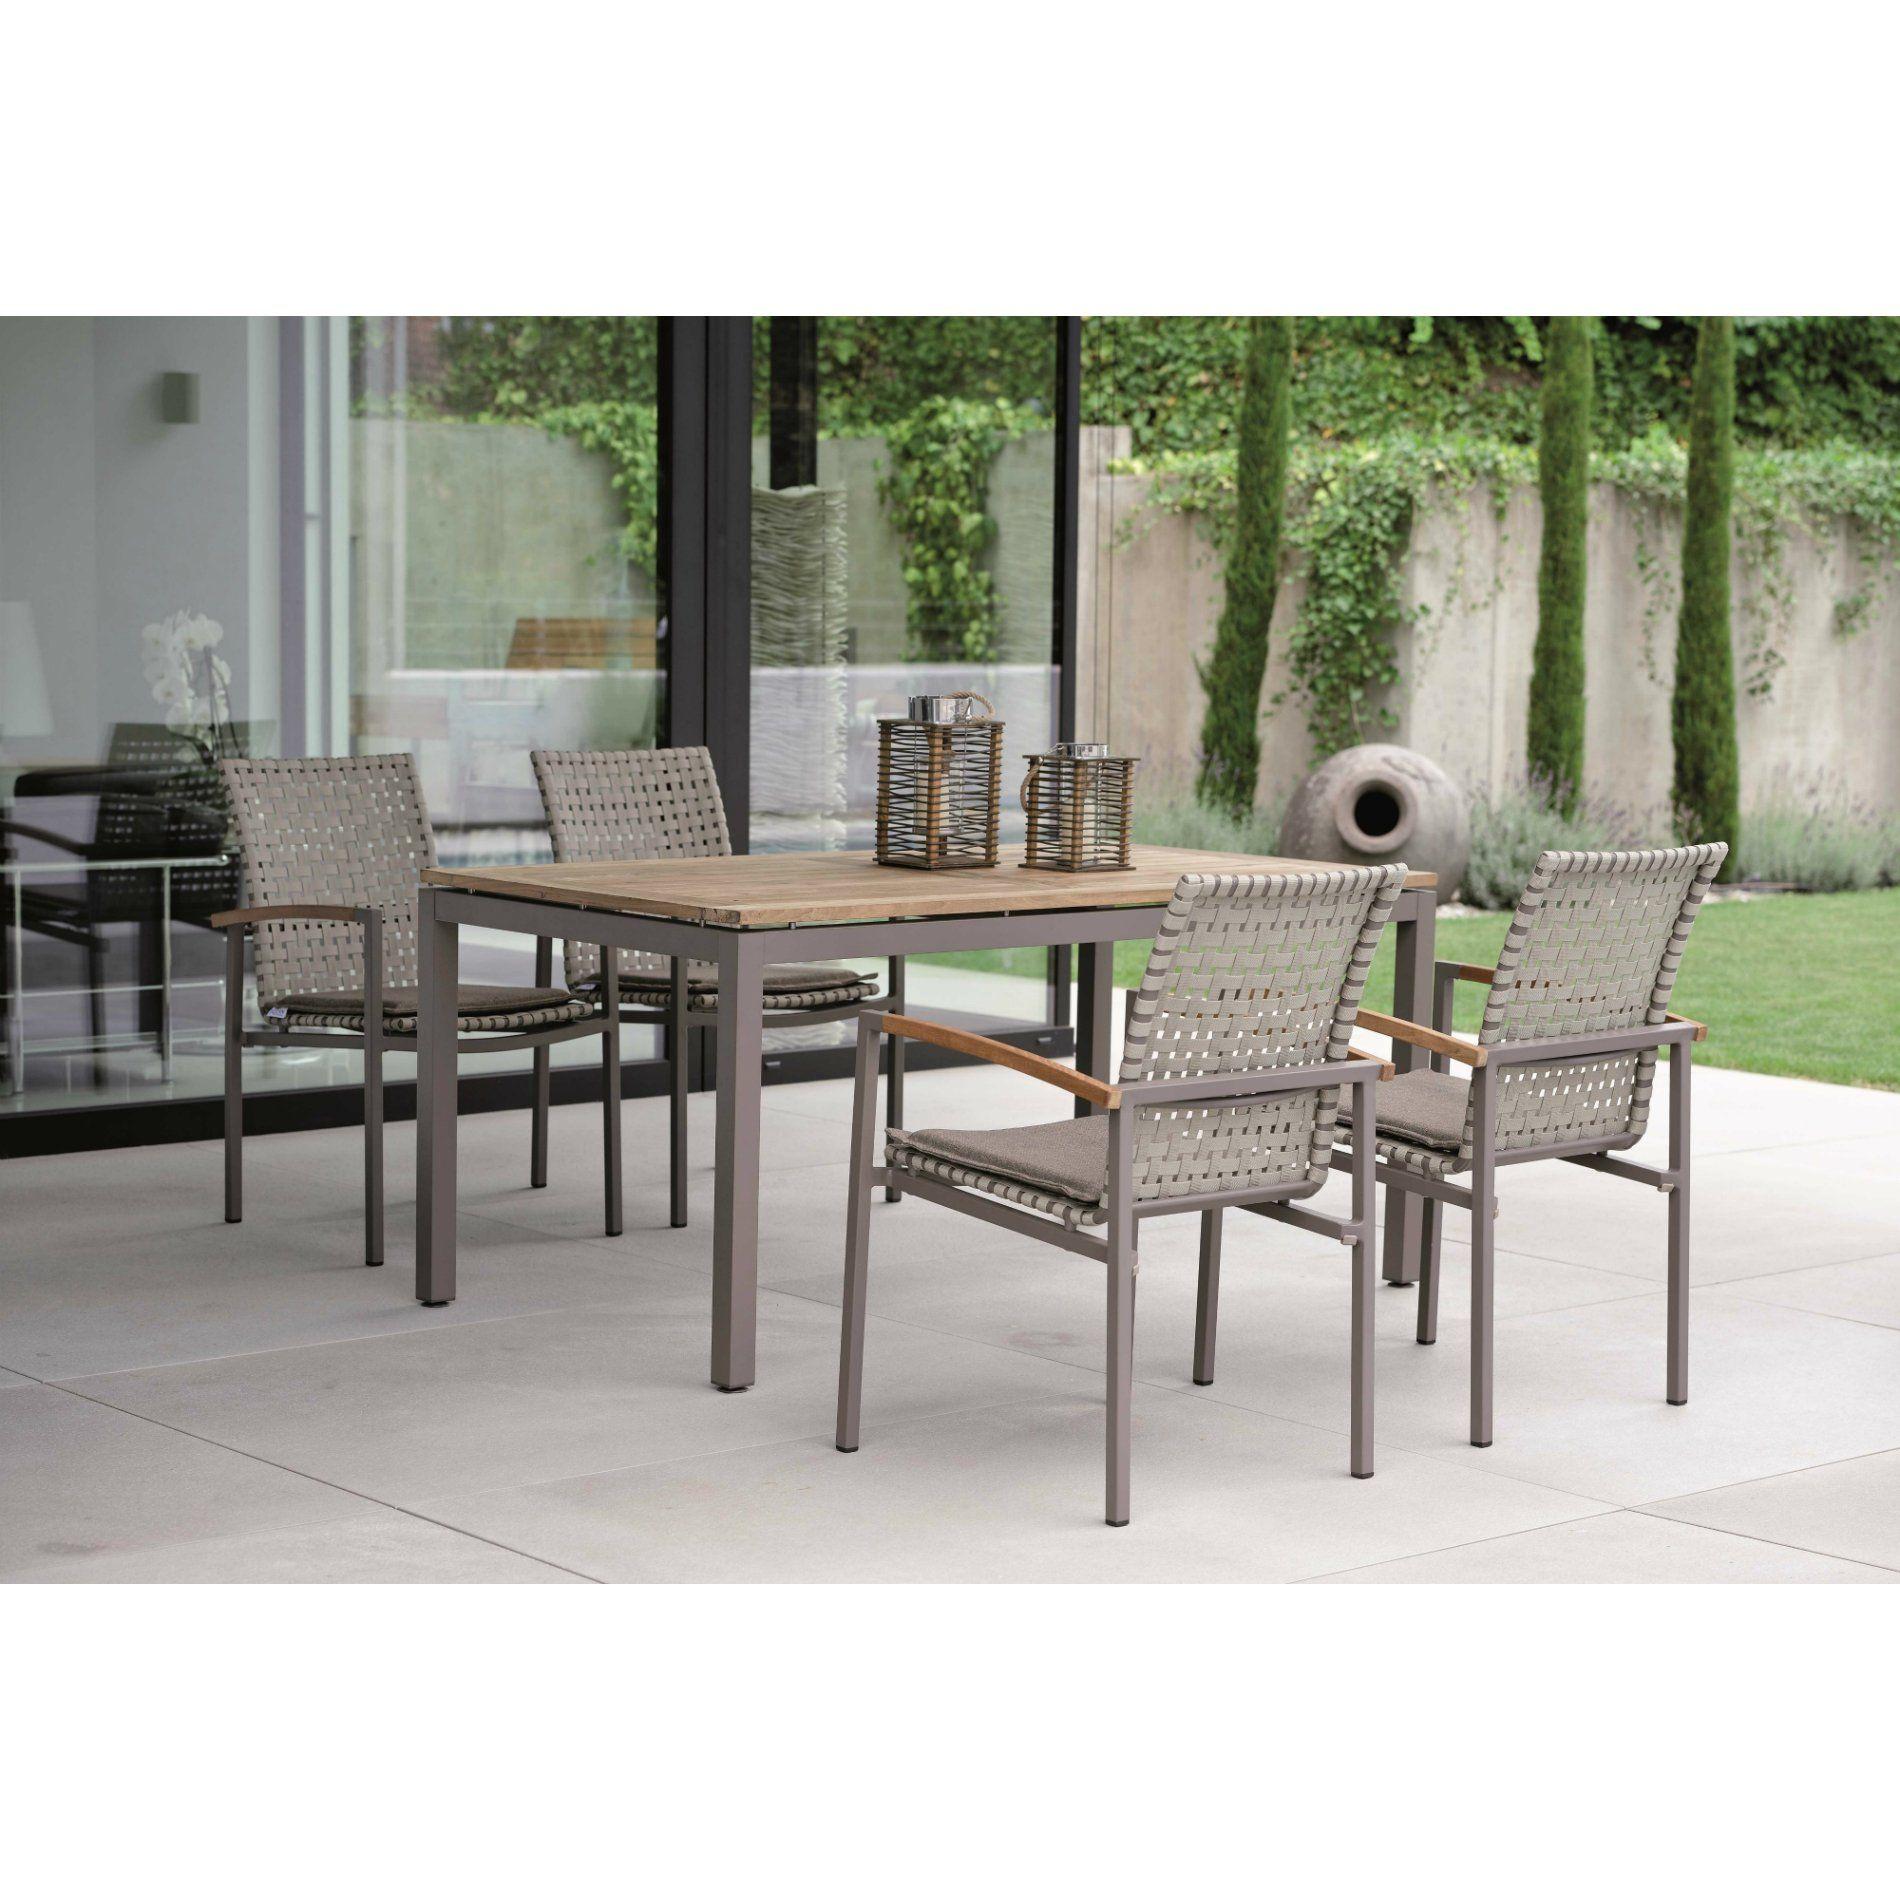 Stern Gartenmobel Set Mit Stuhl Gardenart Vertikalergarten Outdoorfurniture Gardenideas In 2020 Outdoor Patio Chairs Outdoor Furniture Outdoor Furniture Sets